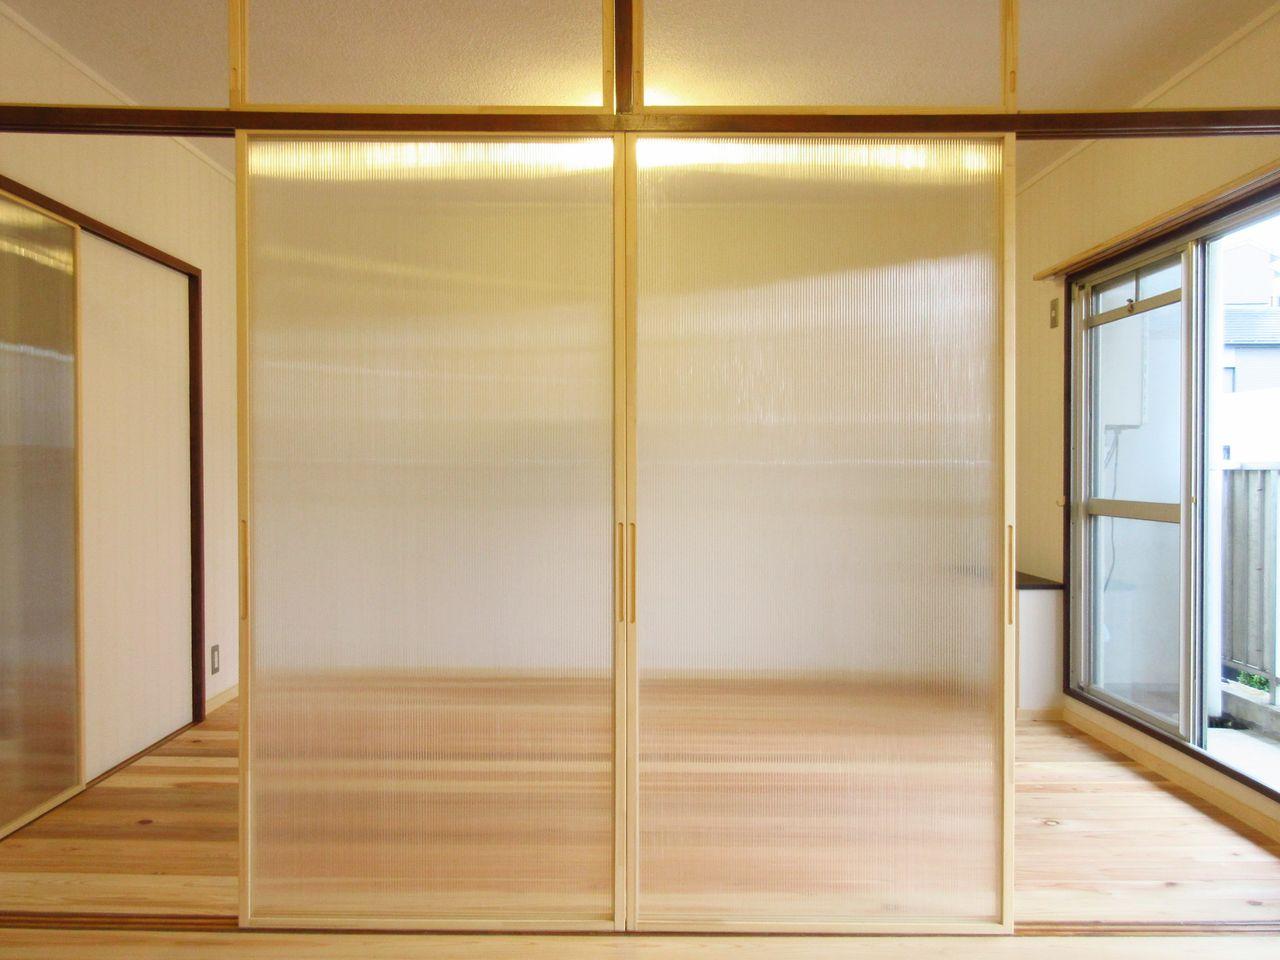 みなさまこんにちは。蓮根サニーハウスはDIY可能なお部屋です。そこで、DIY可能部位とDIY可能作業項目をご紹介します。